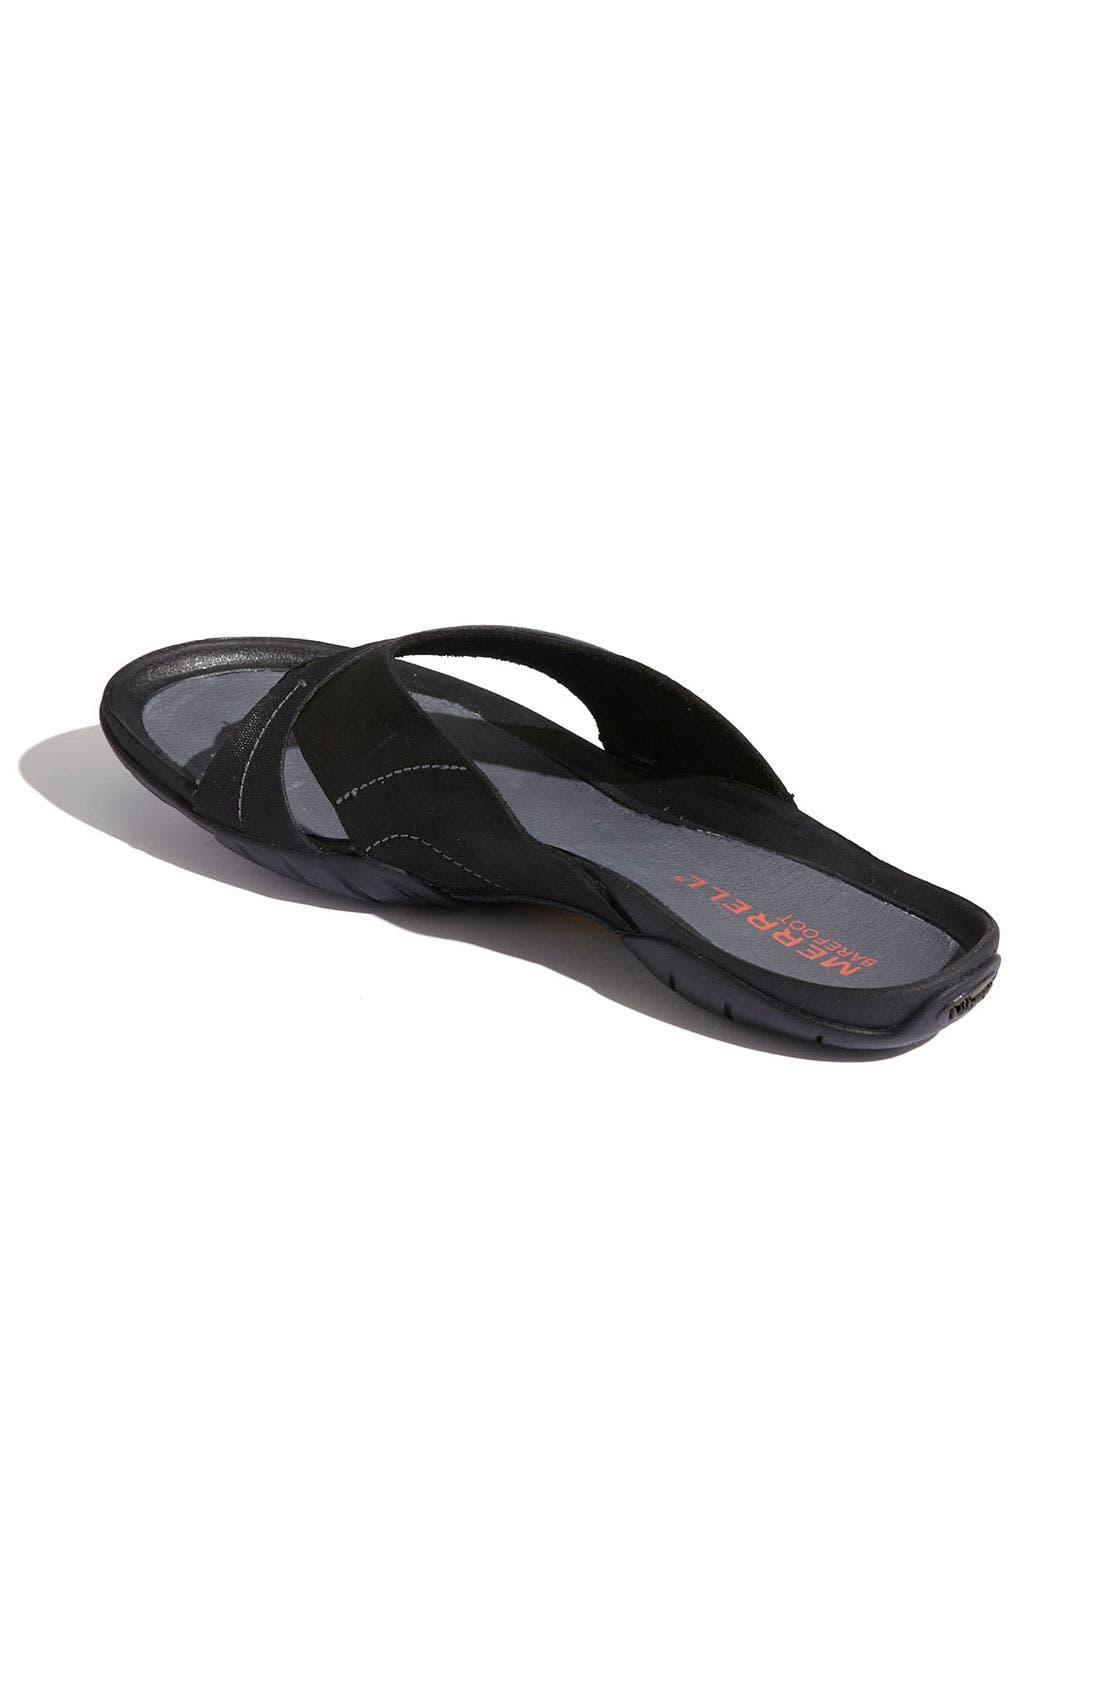 Alternate Image 1 Selected - Merrell 'Burst Wrap' Sandal